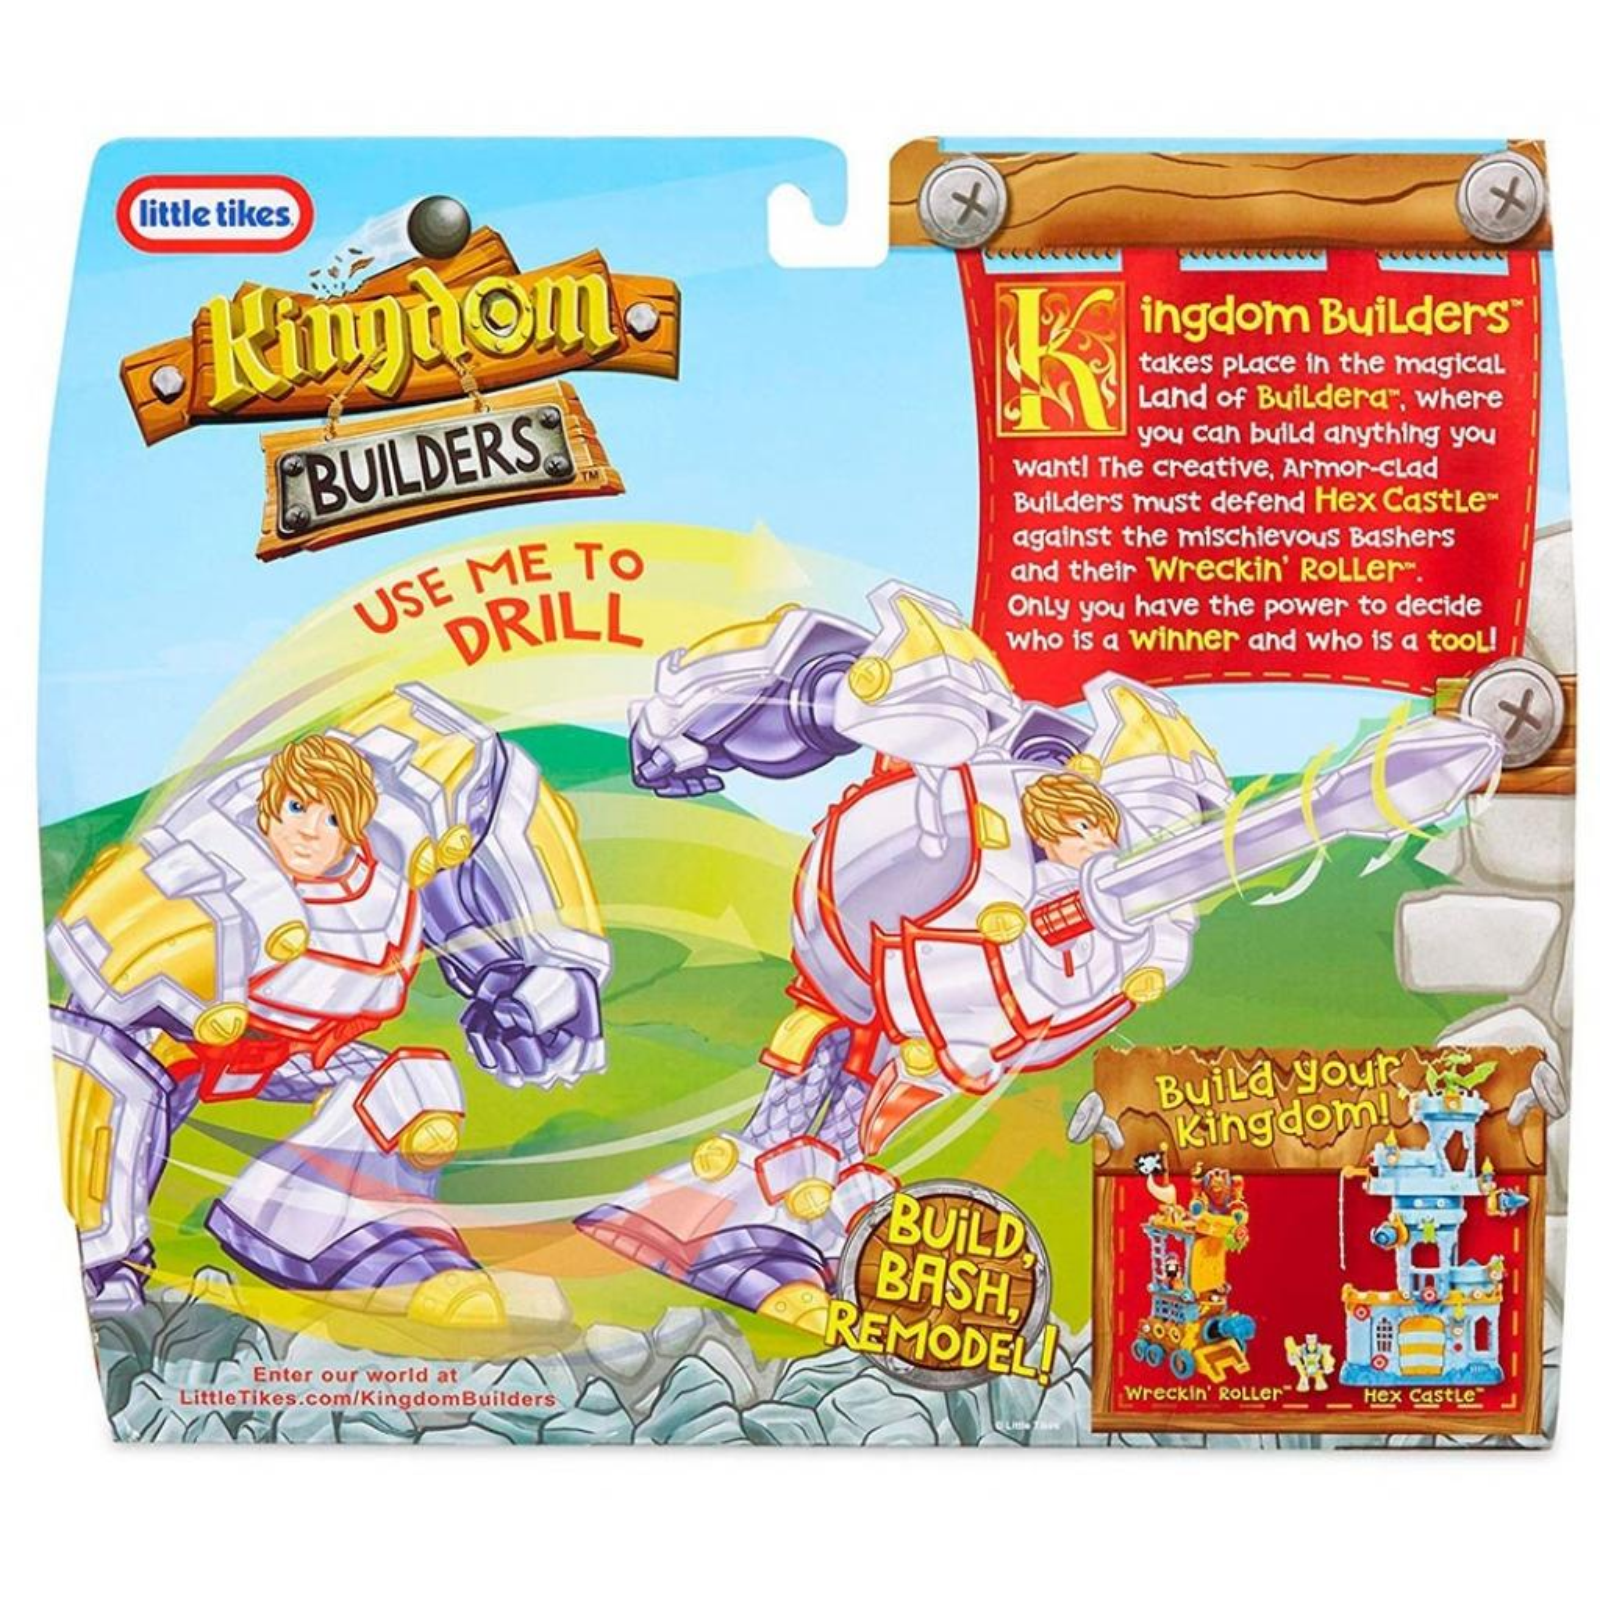 Трансформер Kingdom Builders со светом Сэр Филипп-силач (648977) изображение 5